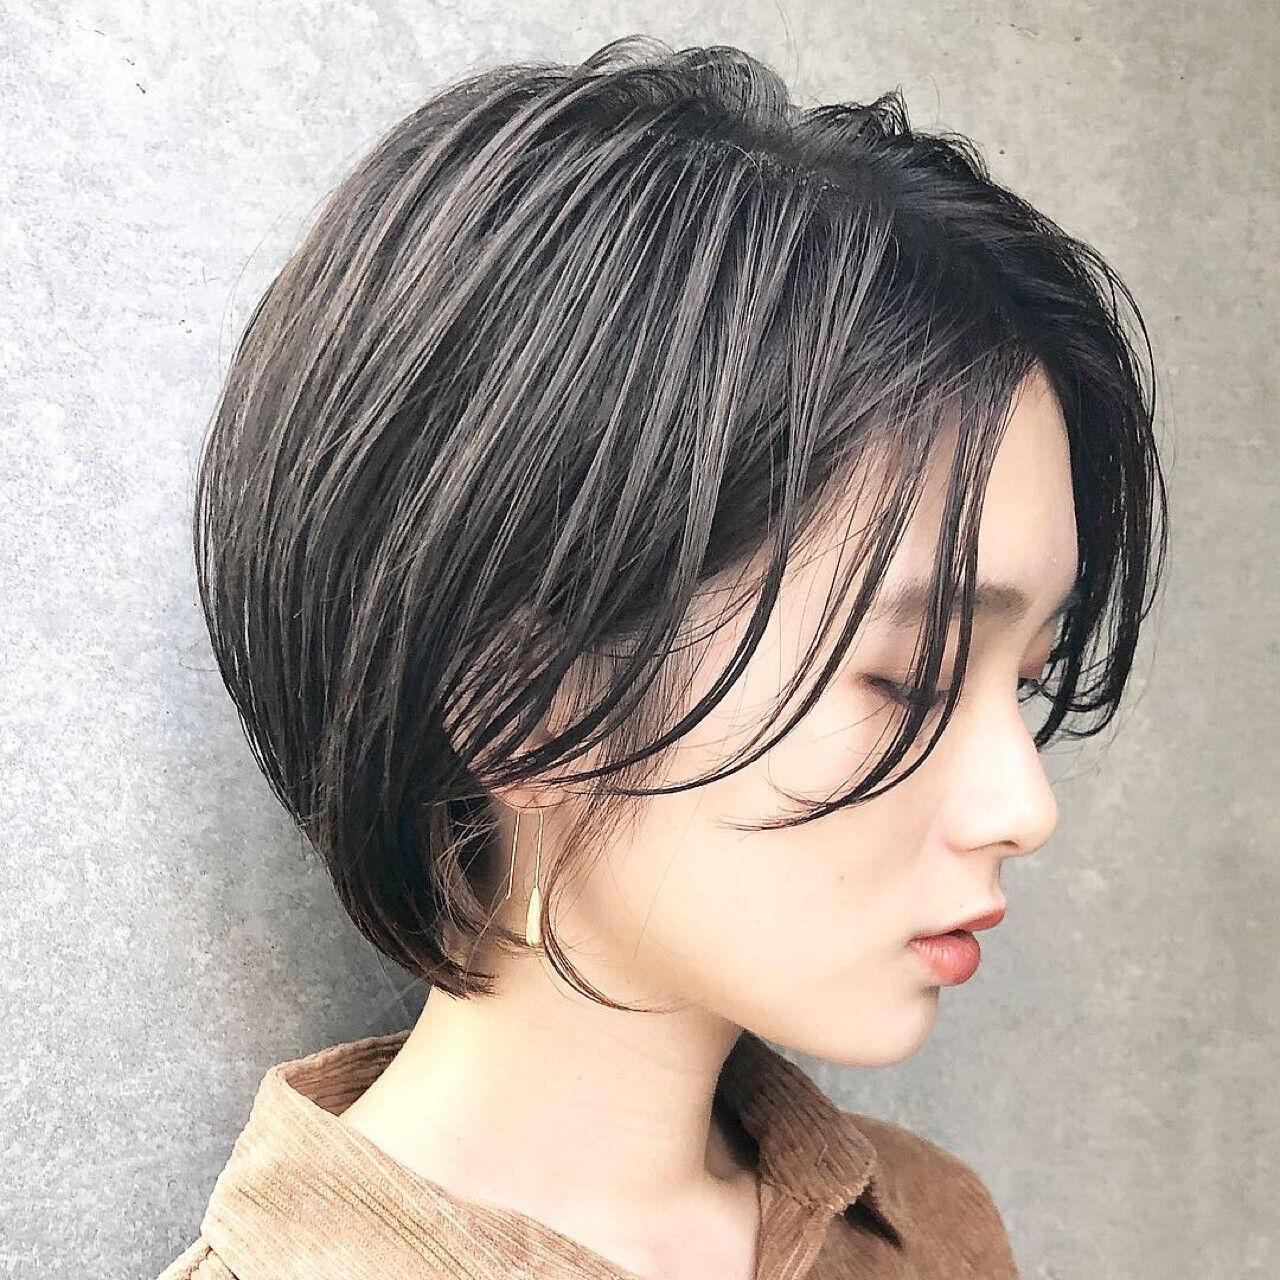 ナチュラル ヘアアレンジ アウトドア 簡単ヘアアレンジヘアスタイルや髪型の写真・画像